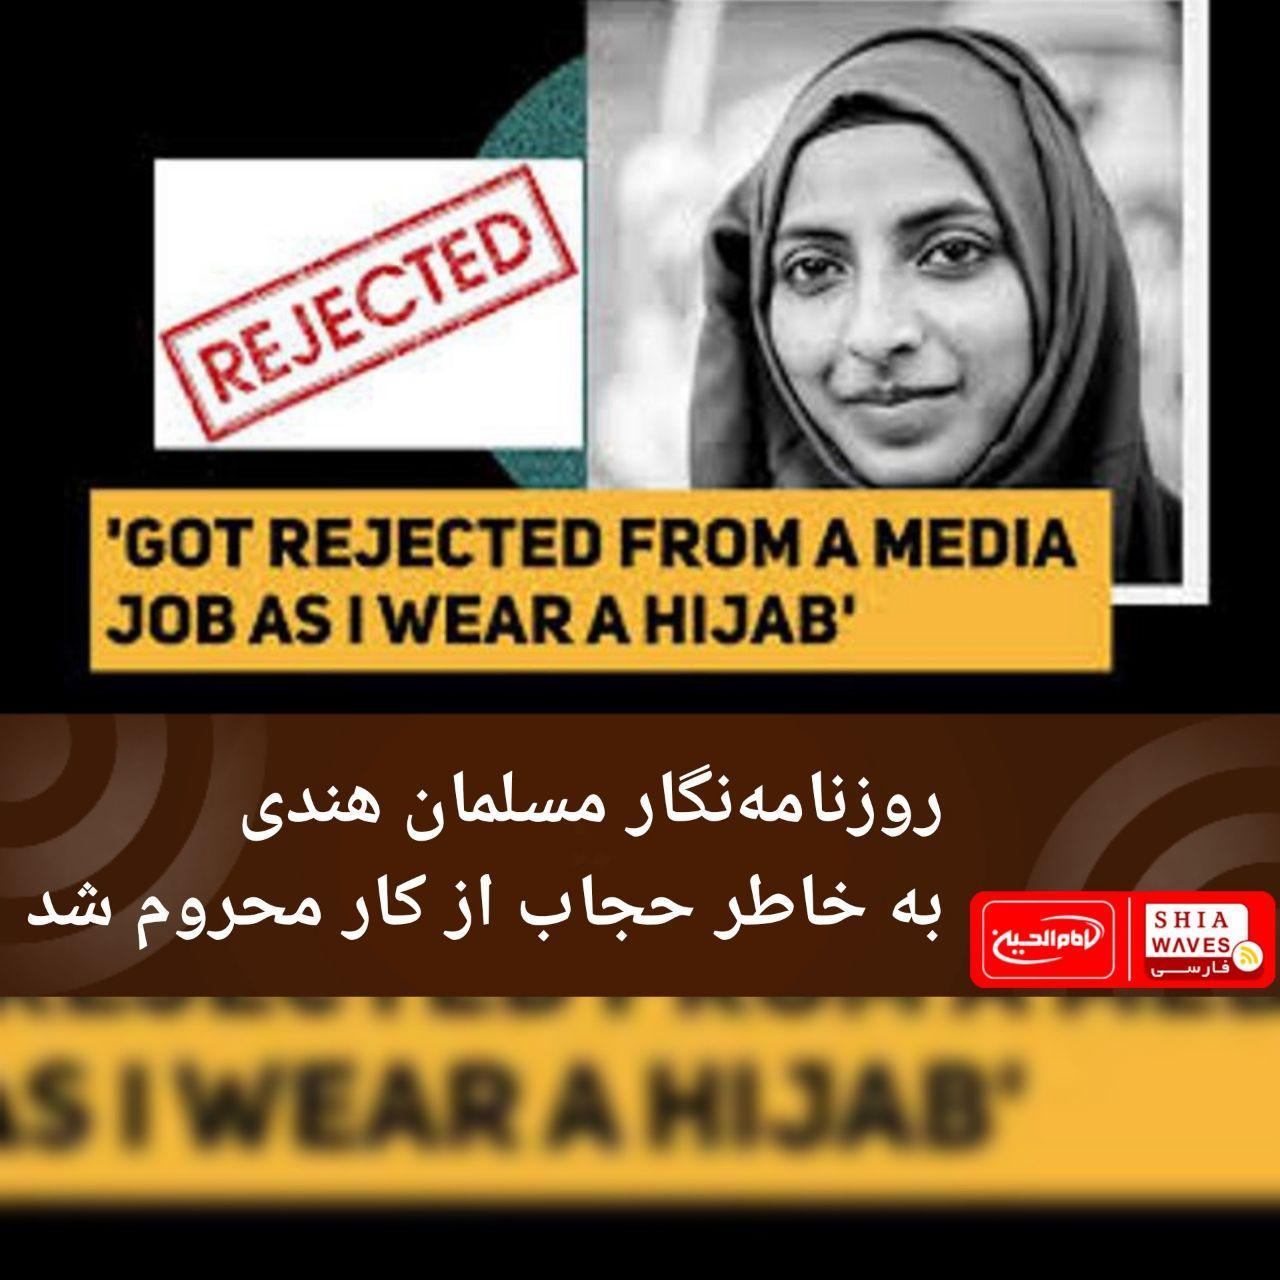 تصویر روزنامهنگار مسلمان هندی به خاطر حجاب از کار محروم شد